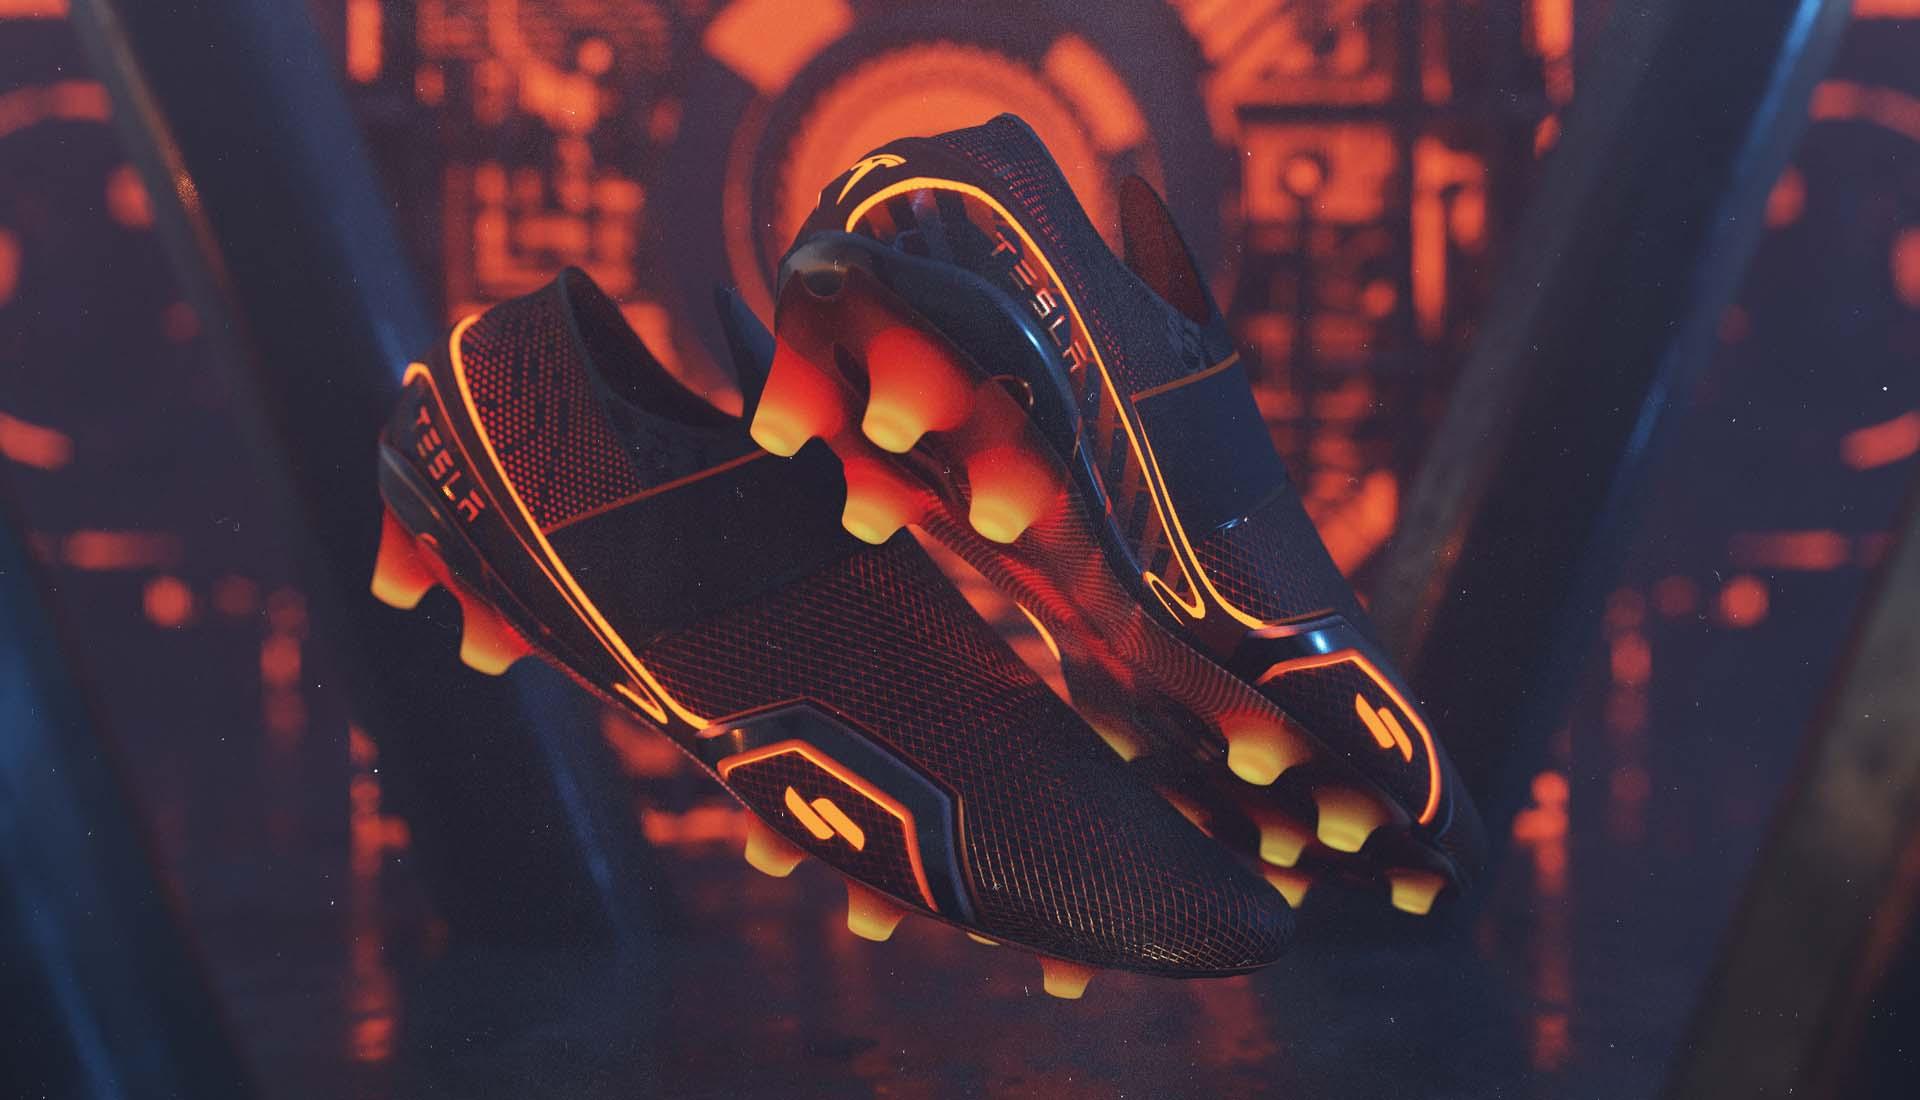 Xem thêm những hình ảnh của giày đá bóng Tesla